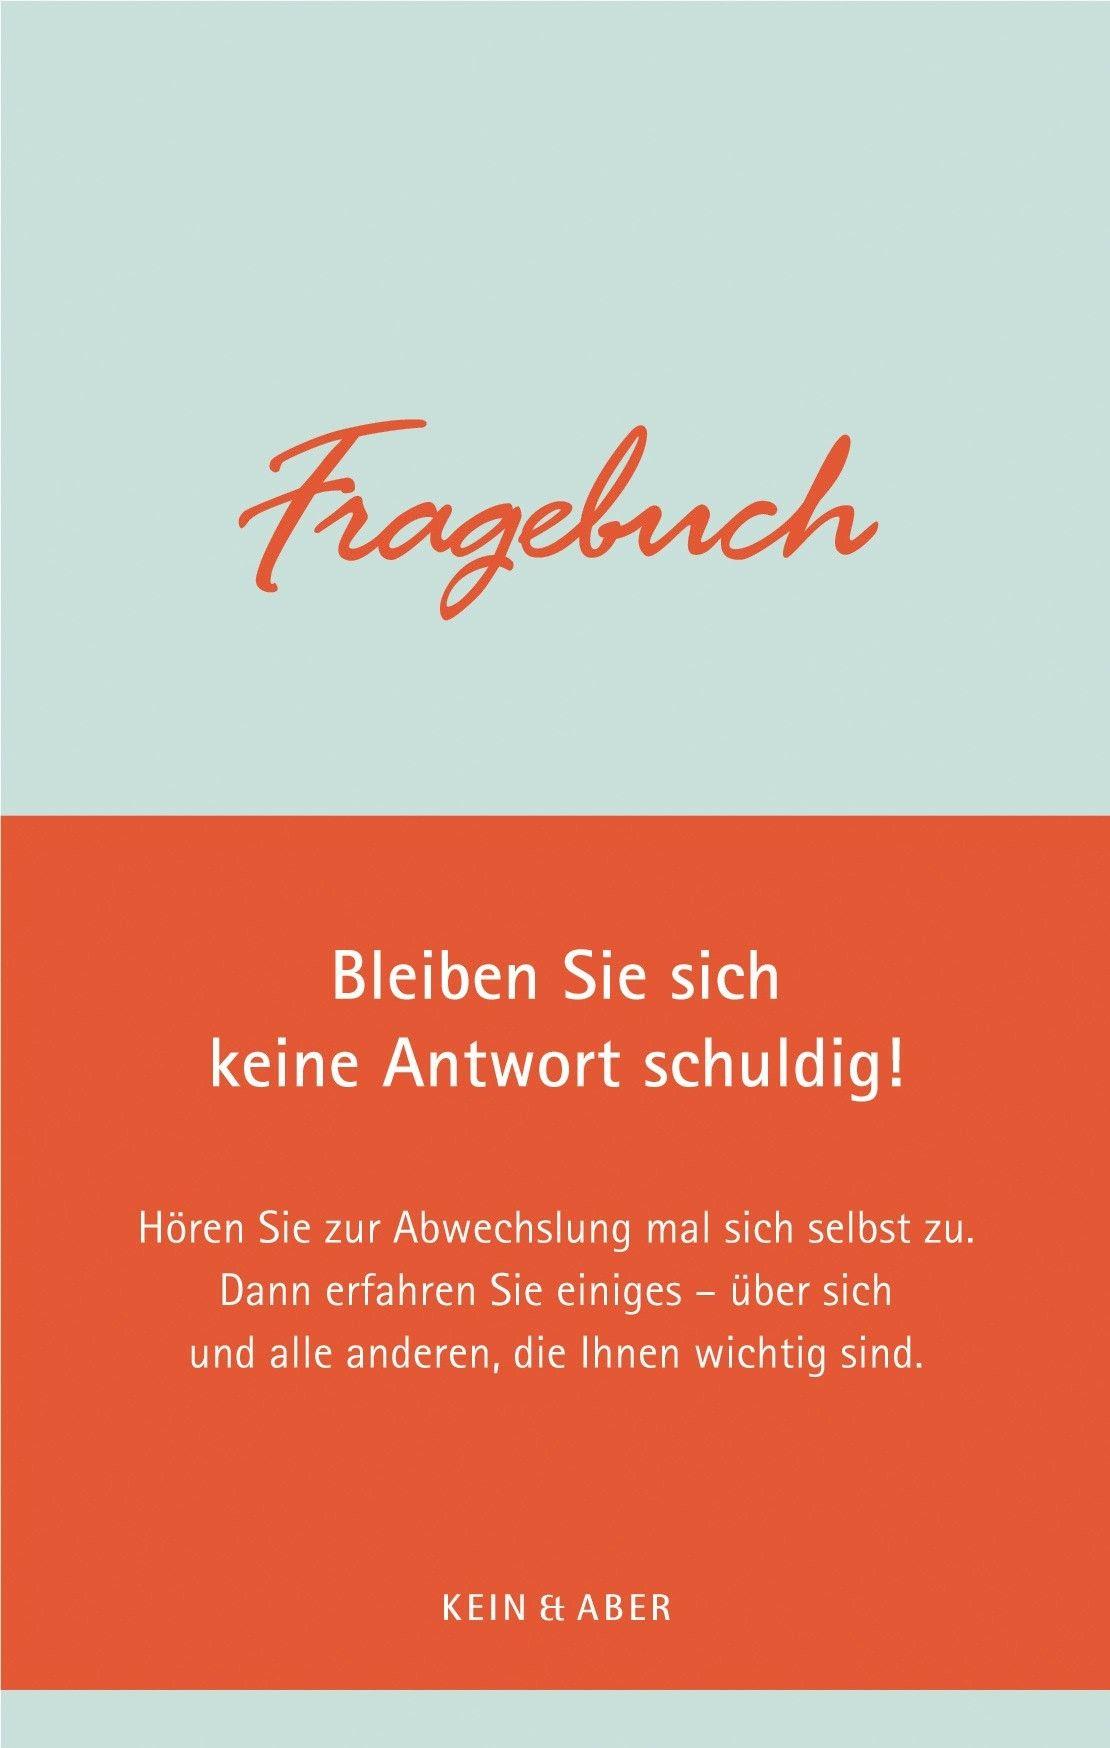 Tageskarte 21.12.09 Buch Fragebuch